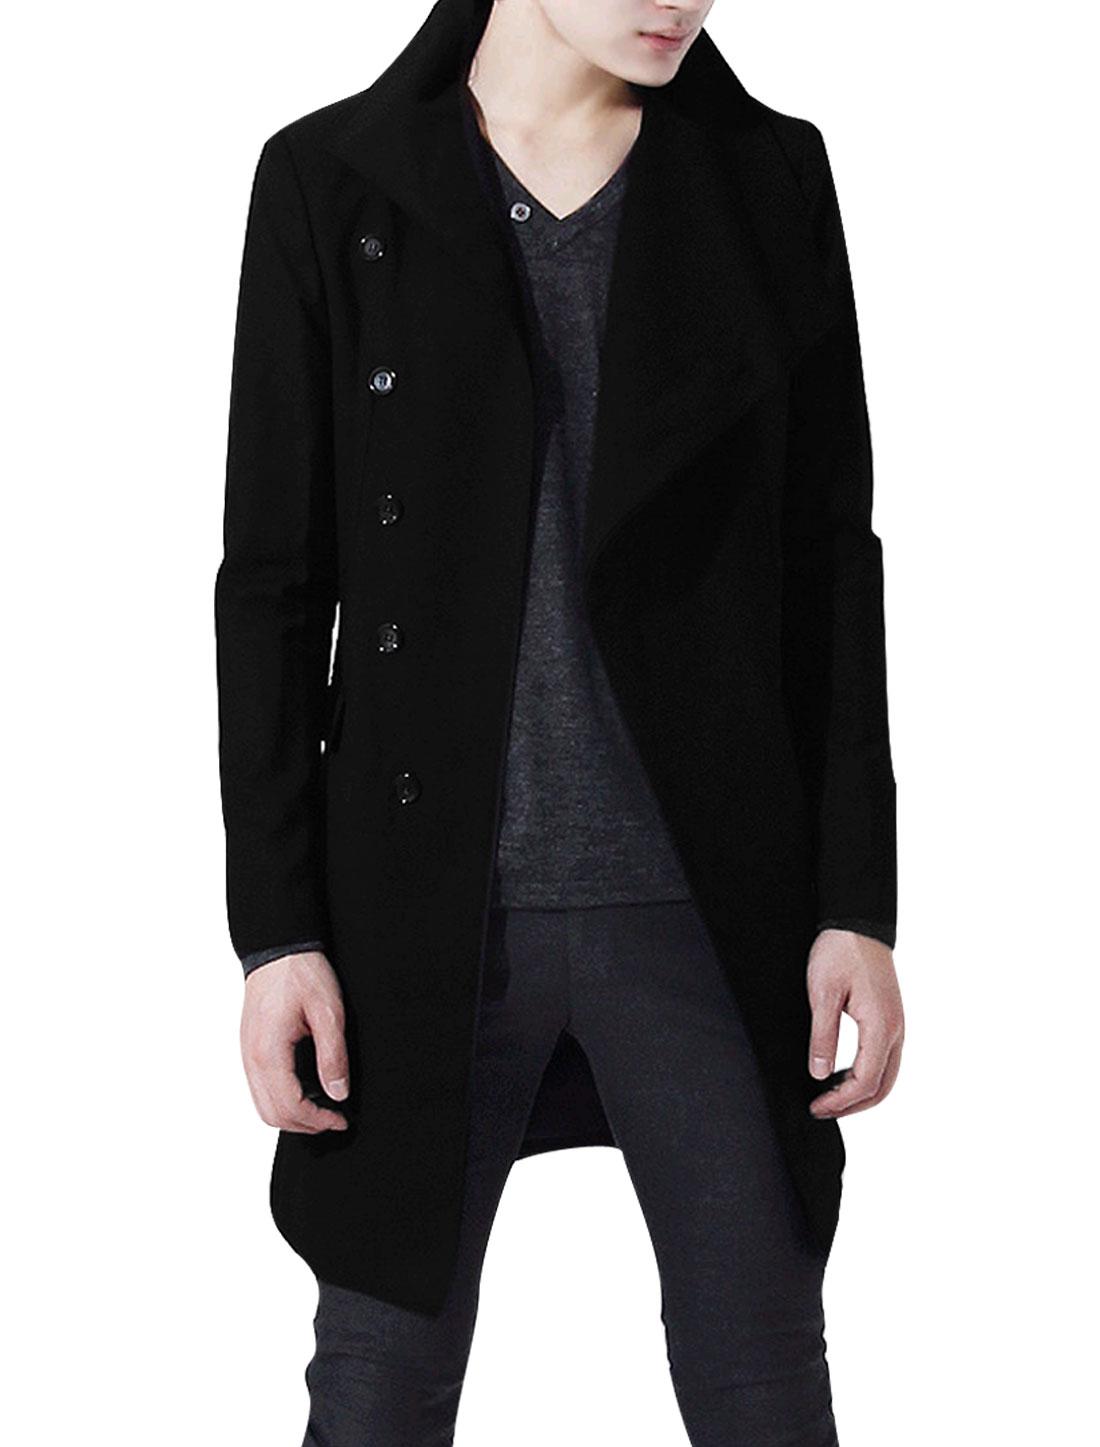 Men S Black Long Sleeve Design Solid Color Notched Lapel Slim Fit Jacket